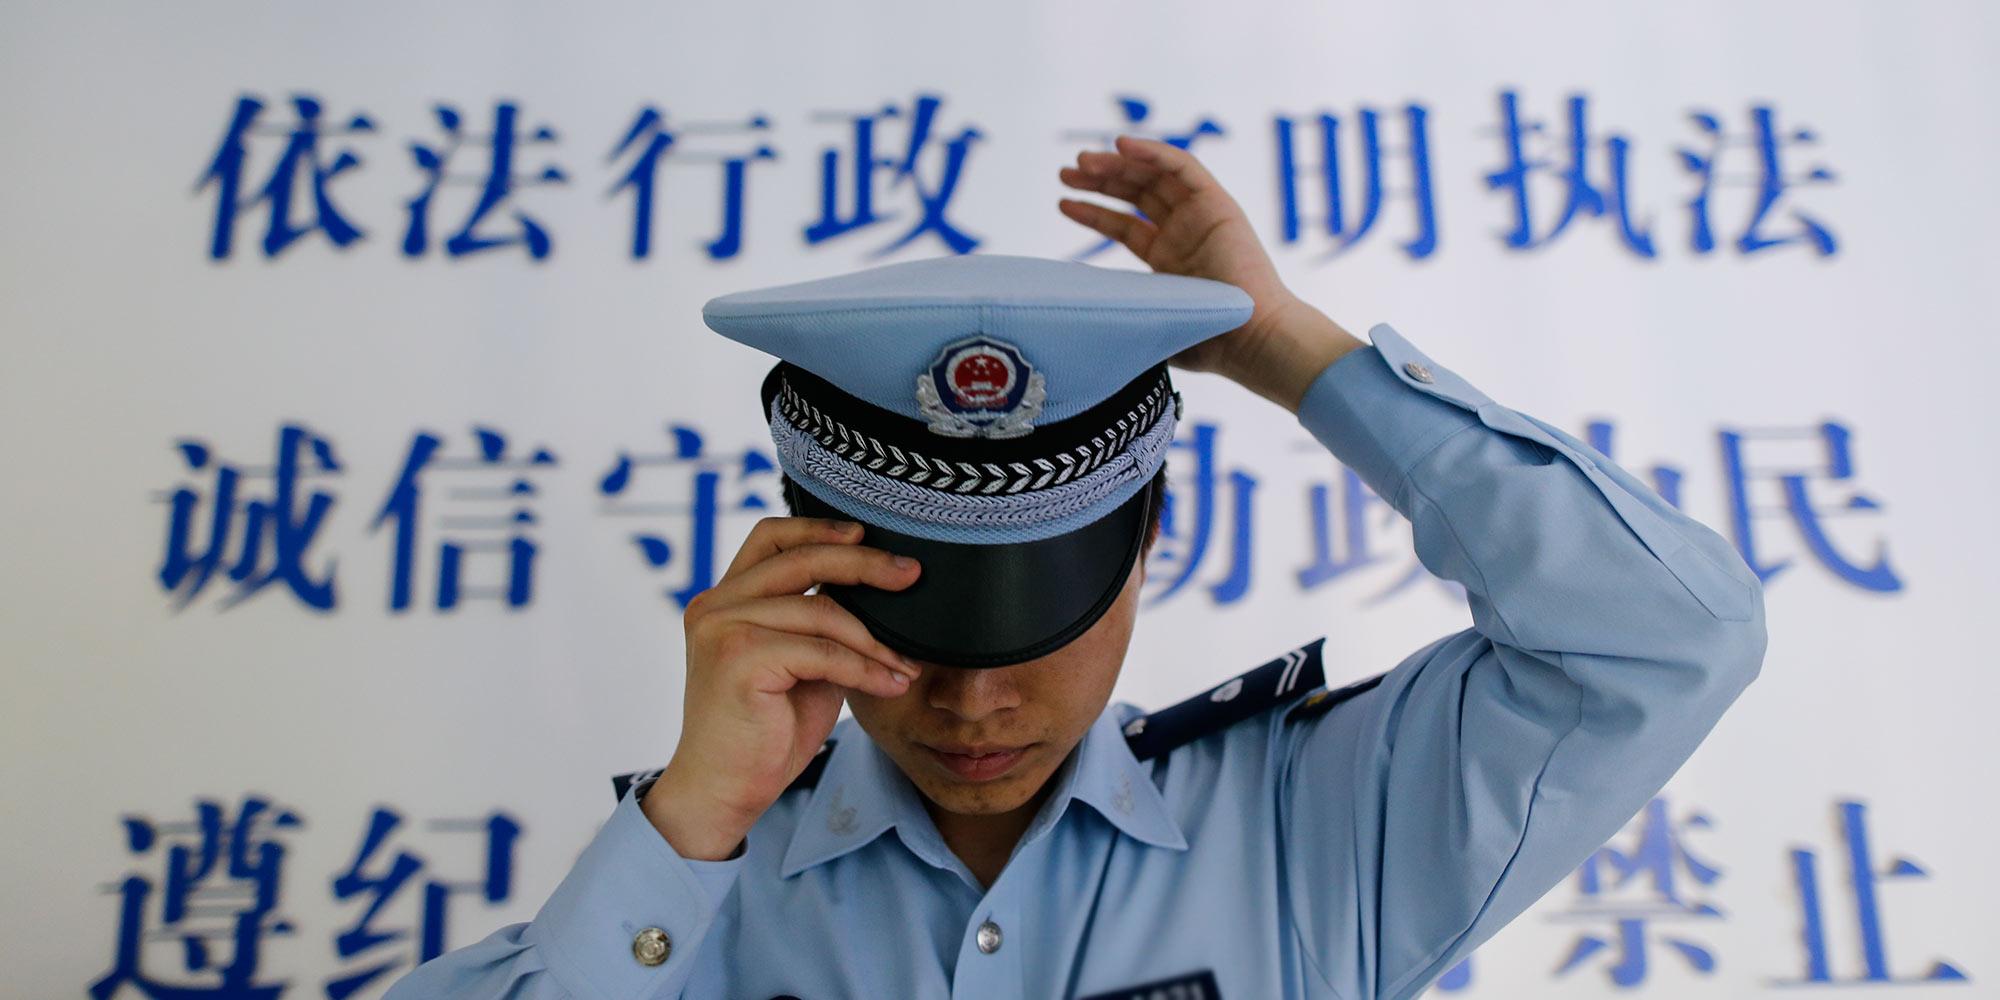 Attack on Chongqing 'Chengguan' Was Self-Defense, Police Say